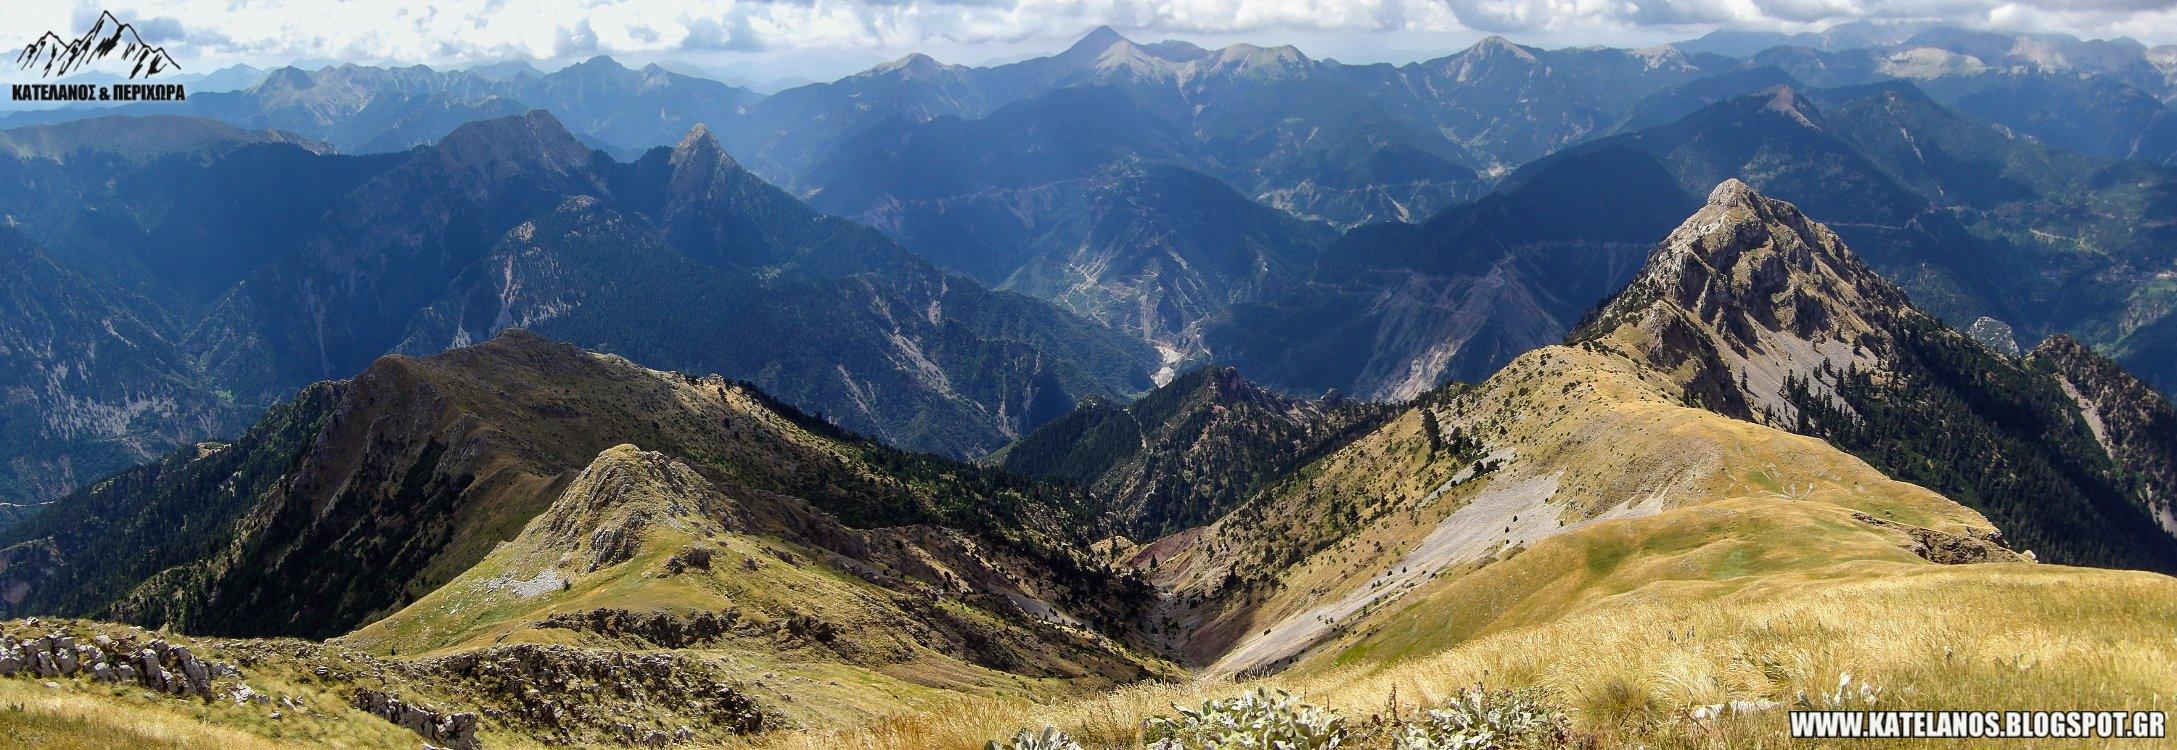 ρεμα μπαμπακιά χελιδόνα ευρυτανίας βουνα